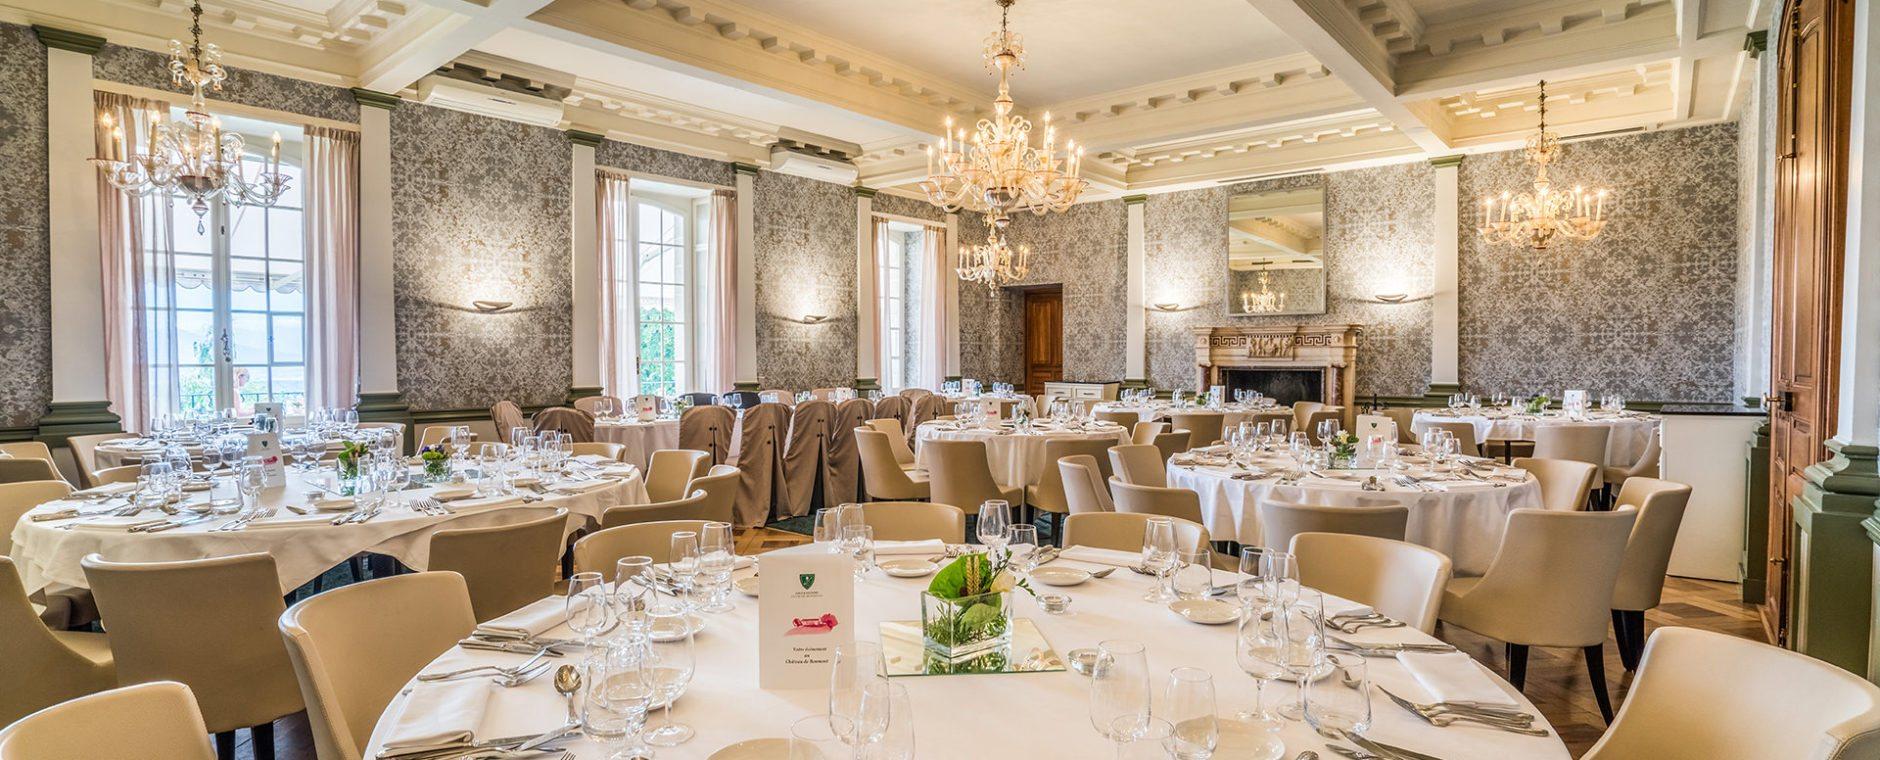 plan de table banquet château de Bonmont